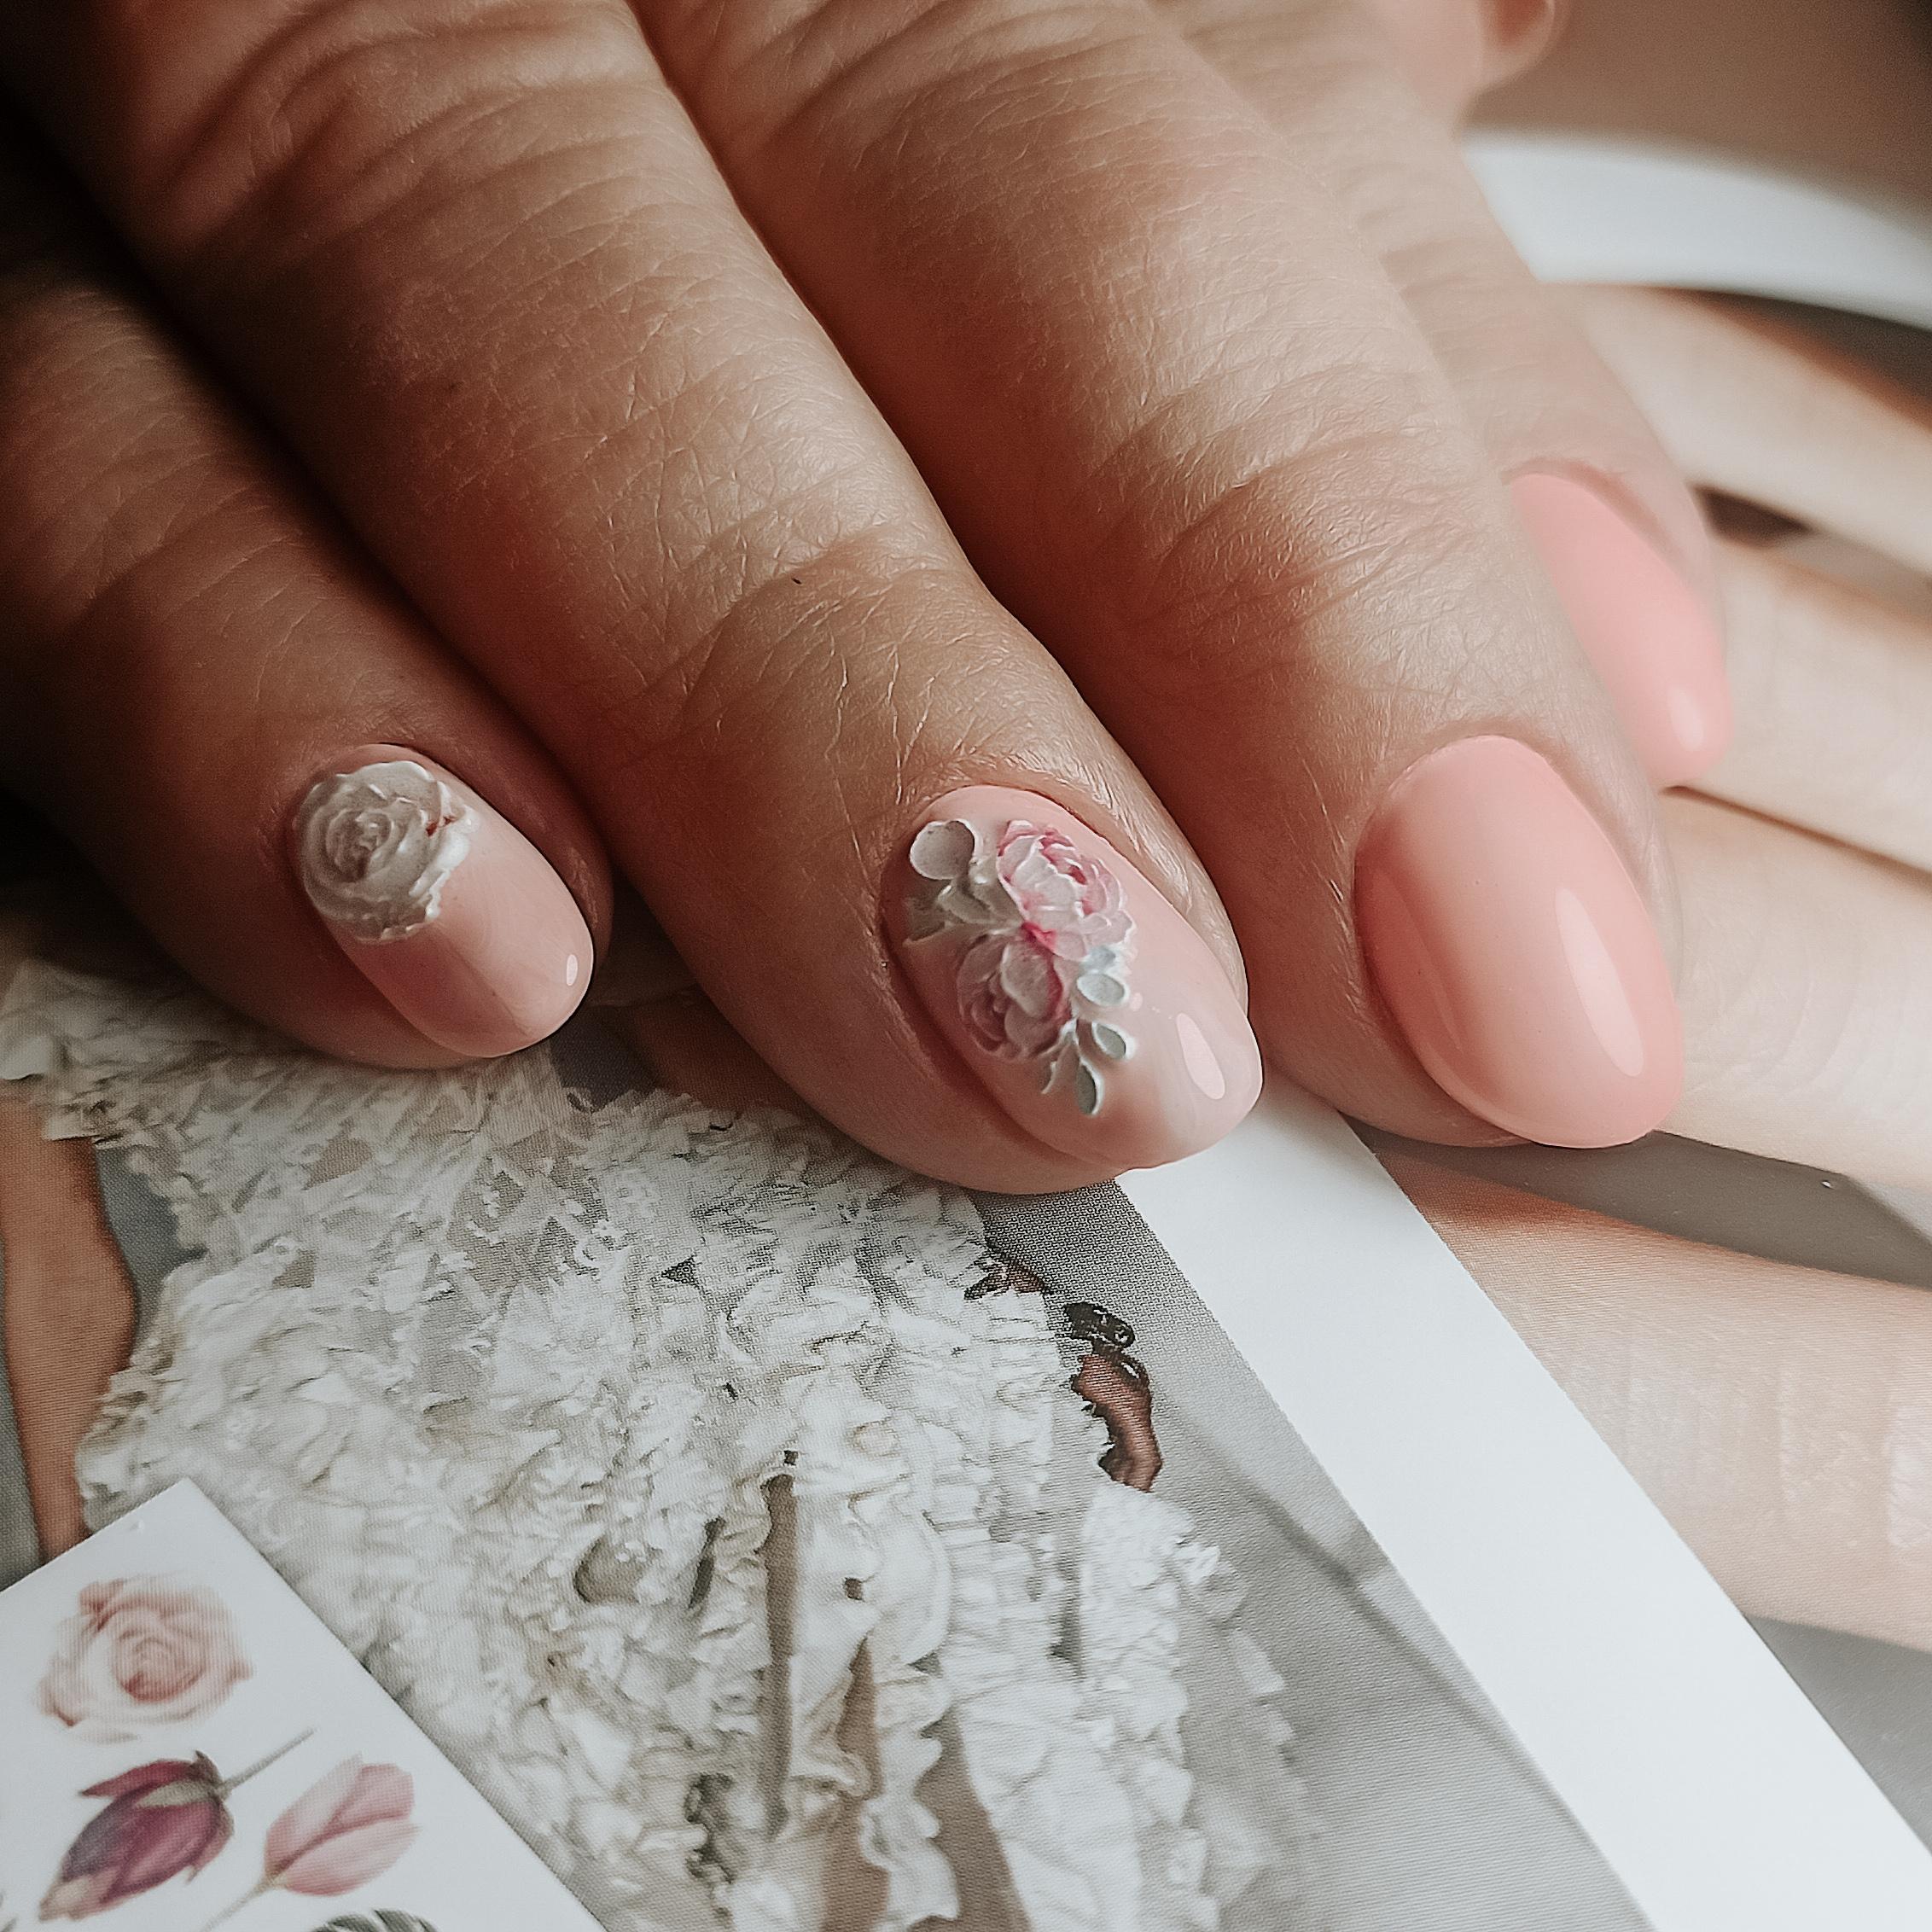 Маникюр с цветочной лепкой в бежевом цвете на короткие ногти.